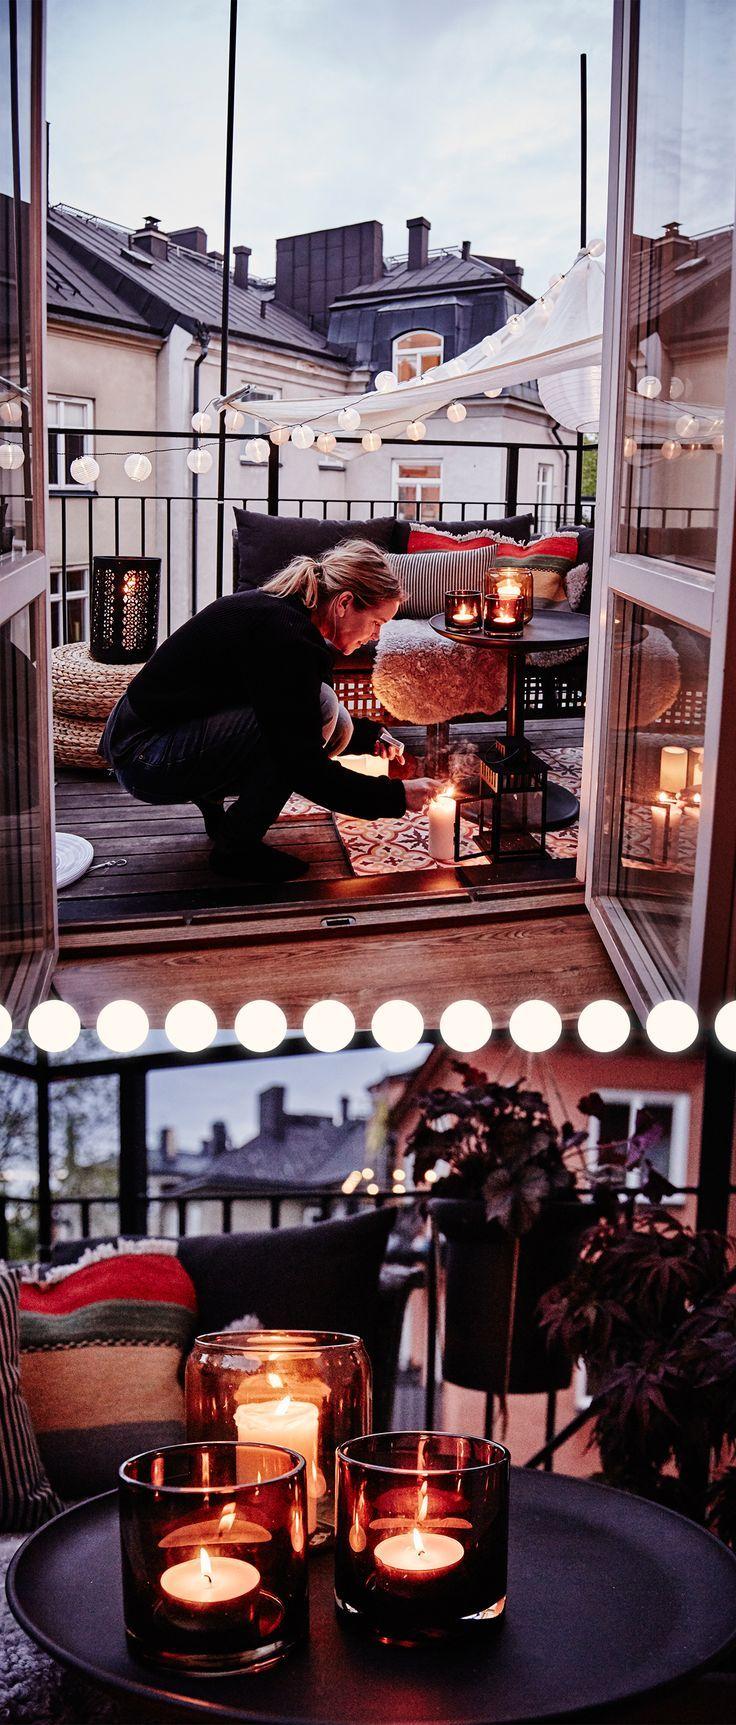 Wenn die Sonne untergeht, erhellen Sie Ihren Balkon mit Kerzen, Laternen und Fe … - Dekoration Ideen #balconylighting